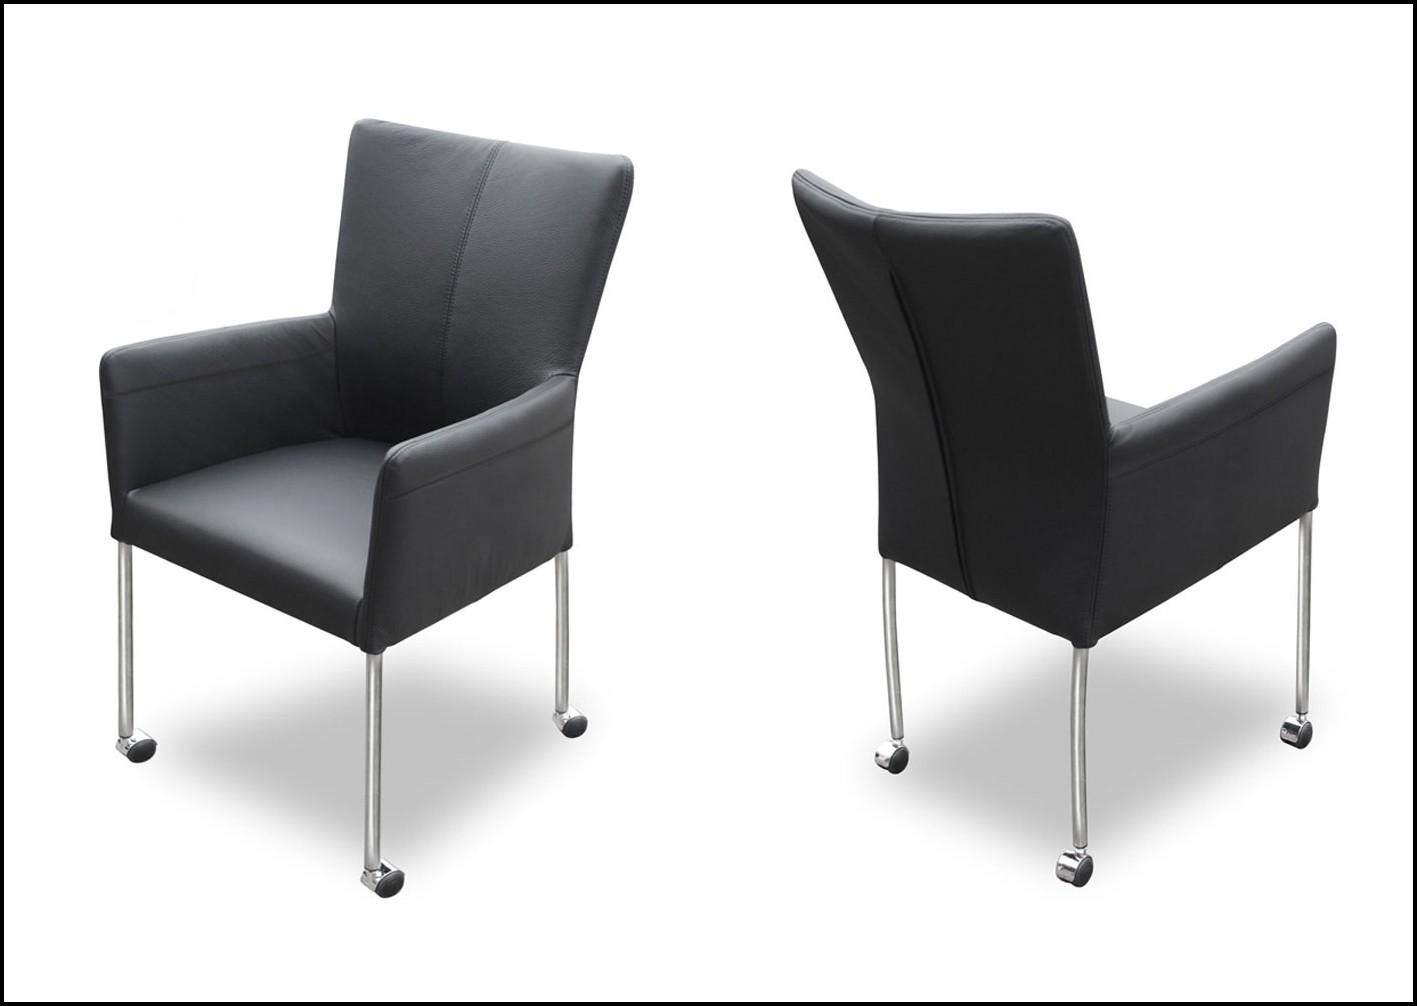 Esstisch Sessel Auf Rollen